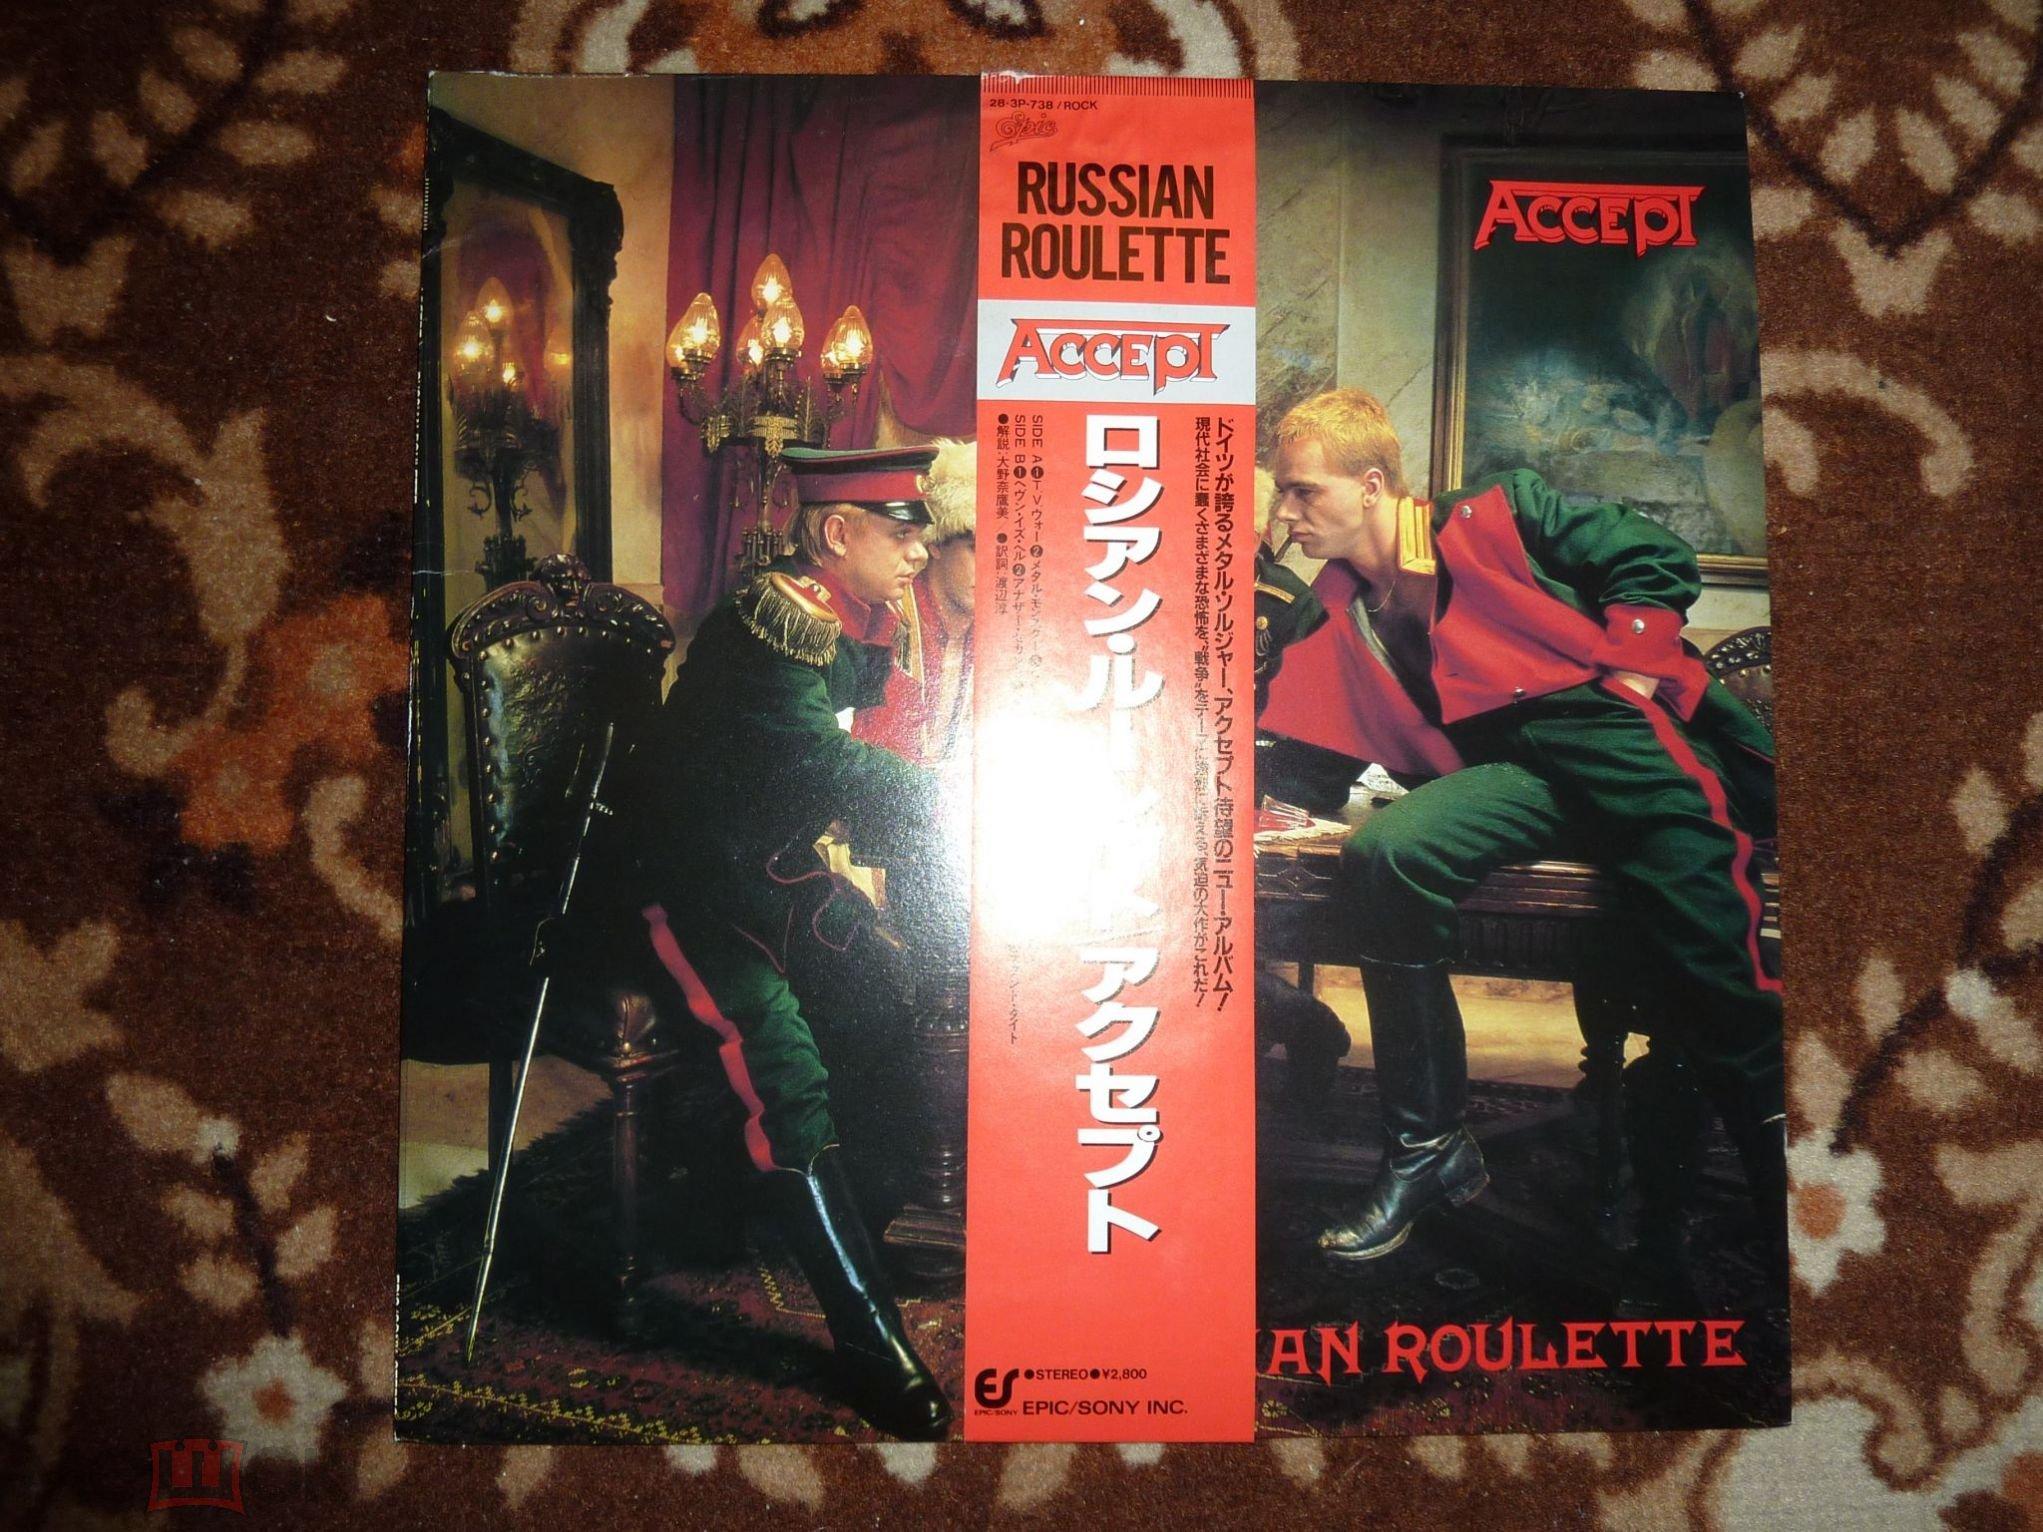 Russian roulette traduzione italiana